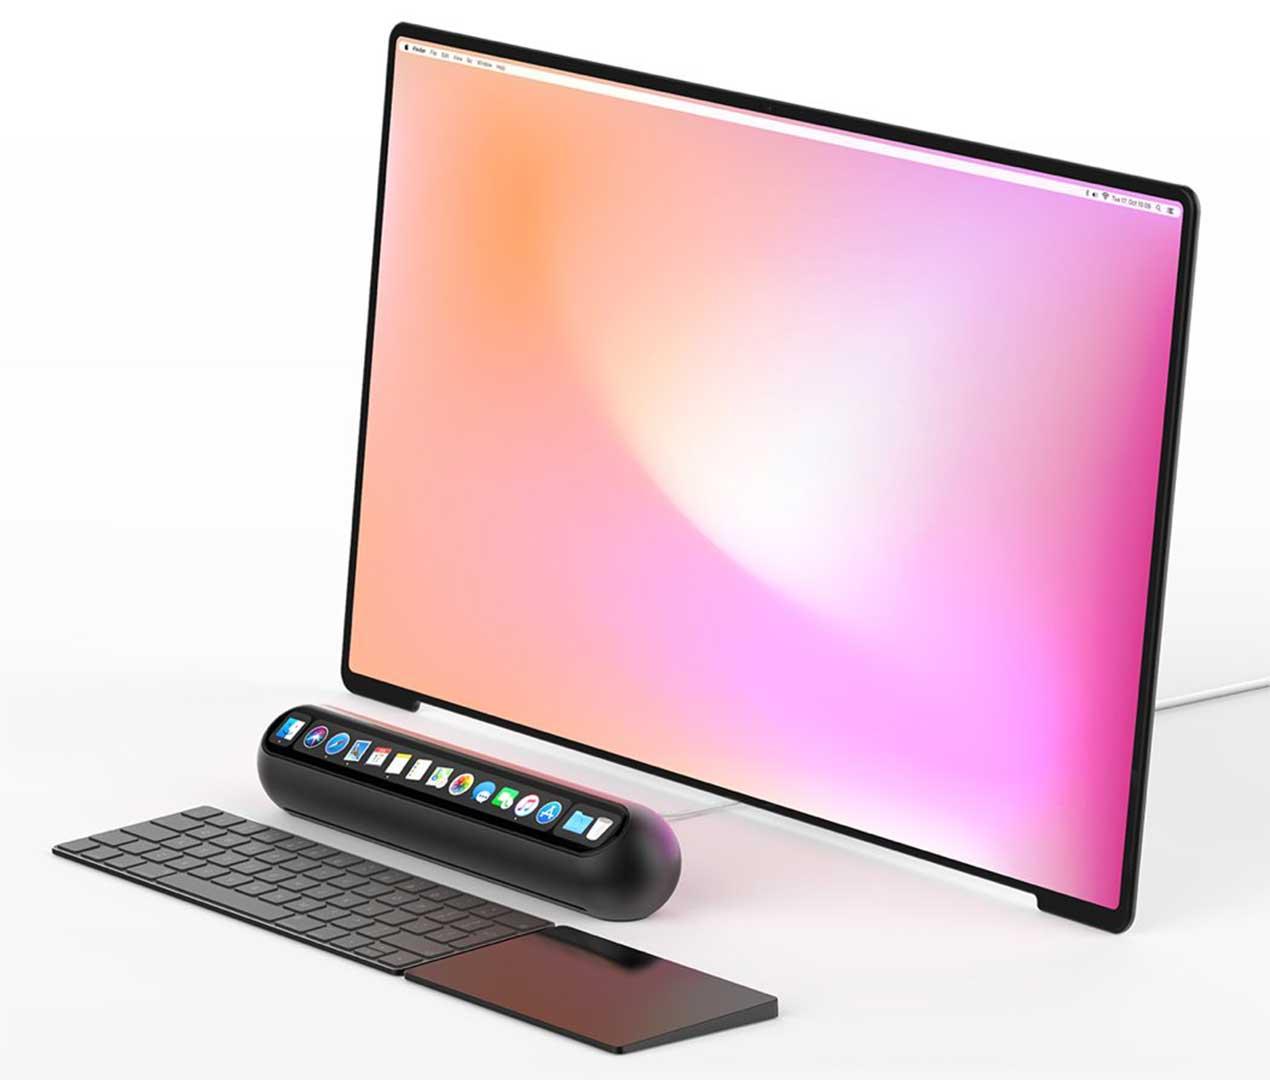 تپتاپ از یک مانیتور لمسی، موس پد، کیبورد و یک قطعهی استوانهای شکلِ لمسی تشکیل شده که قطعهی لمسی اپلیکیشنها و برنامههای پرکاربرد را در خود جای داده است.